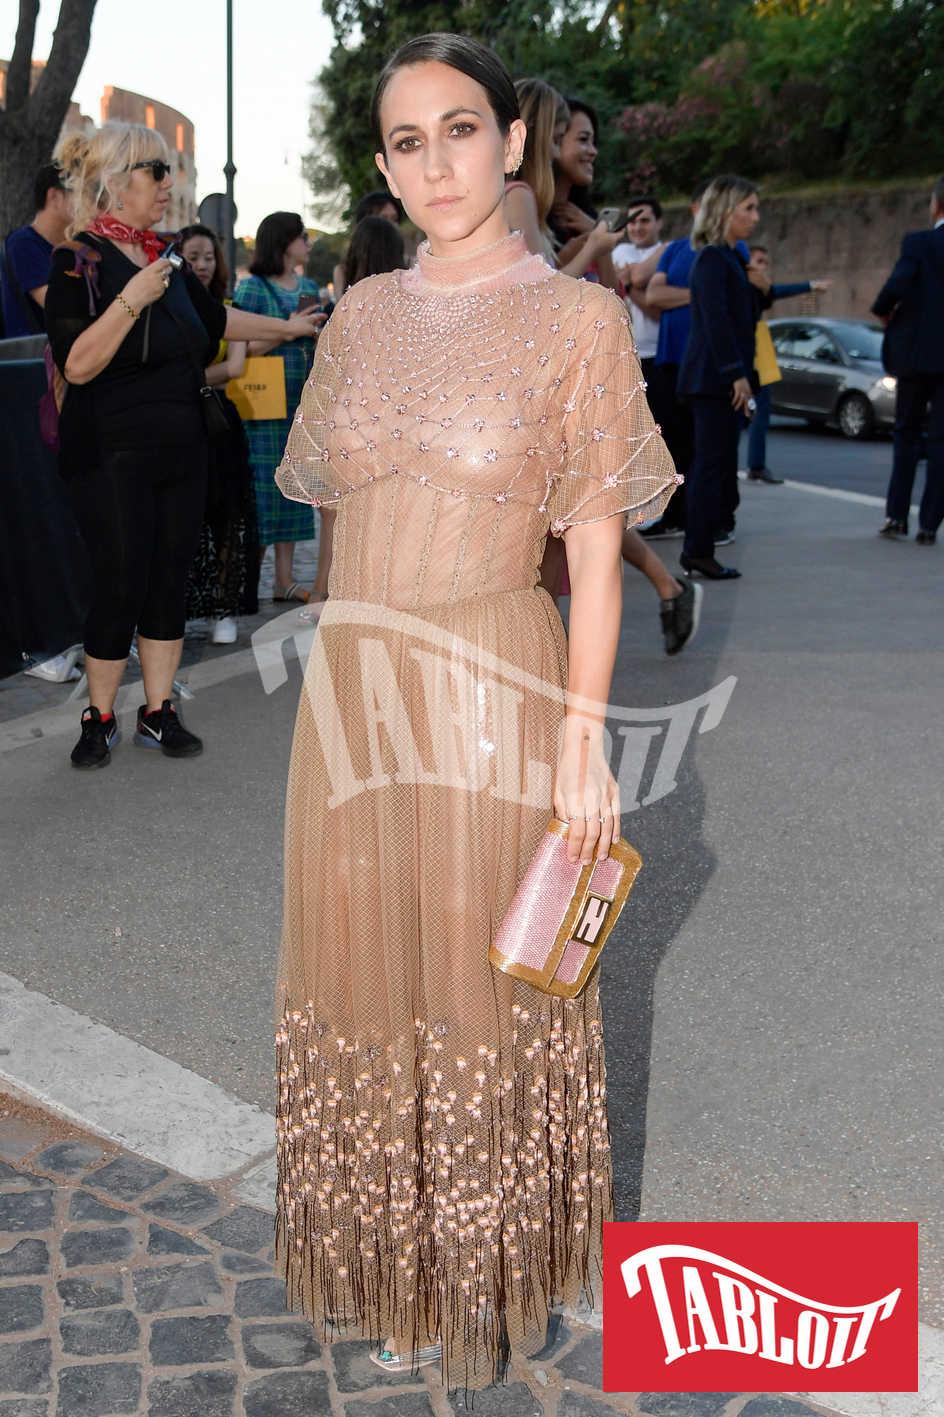 Delfina Delettra Fendi alla sfilata di Fendi 2019 a Roma